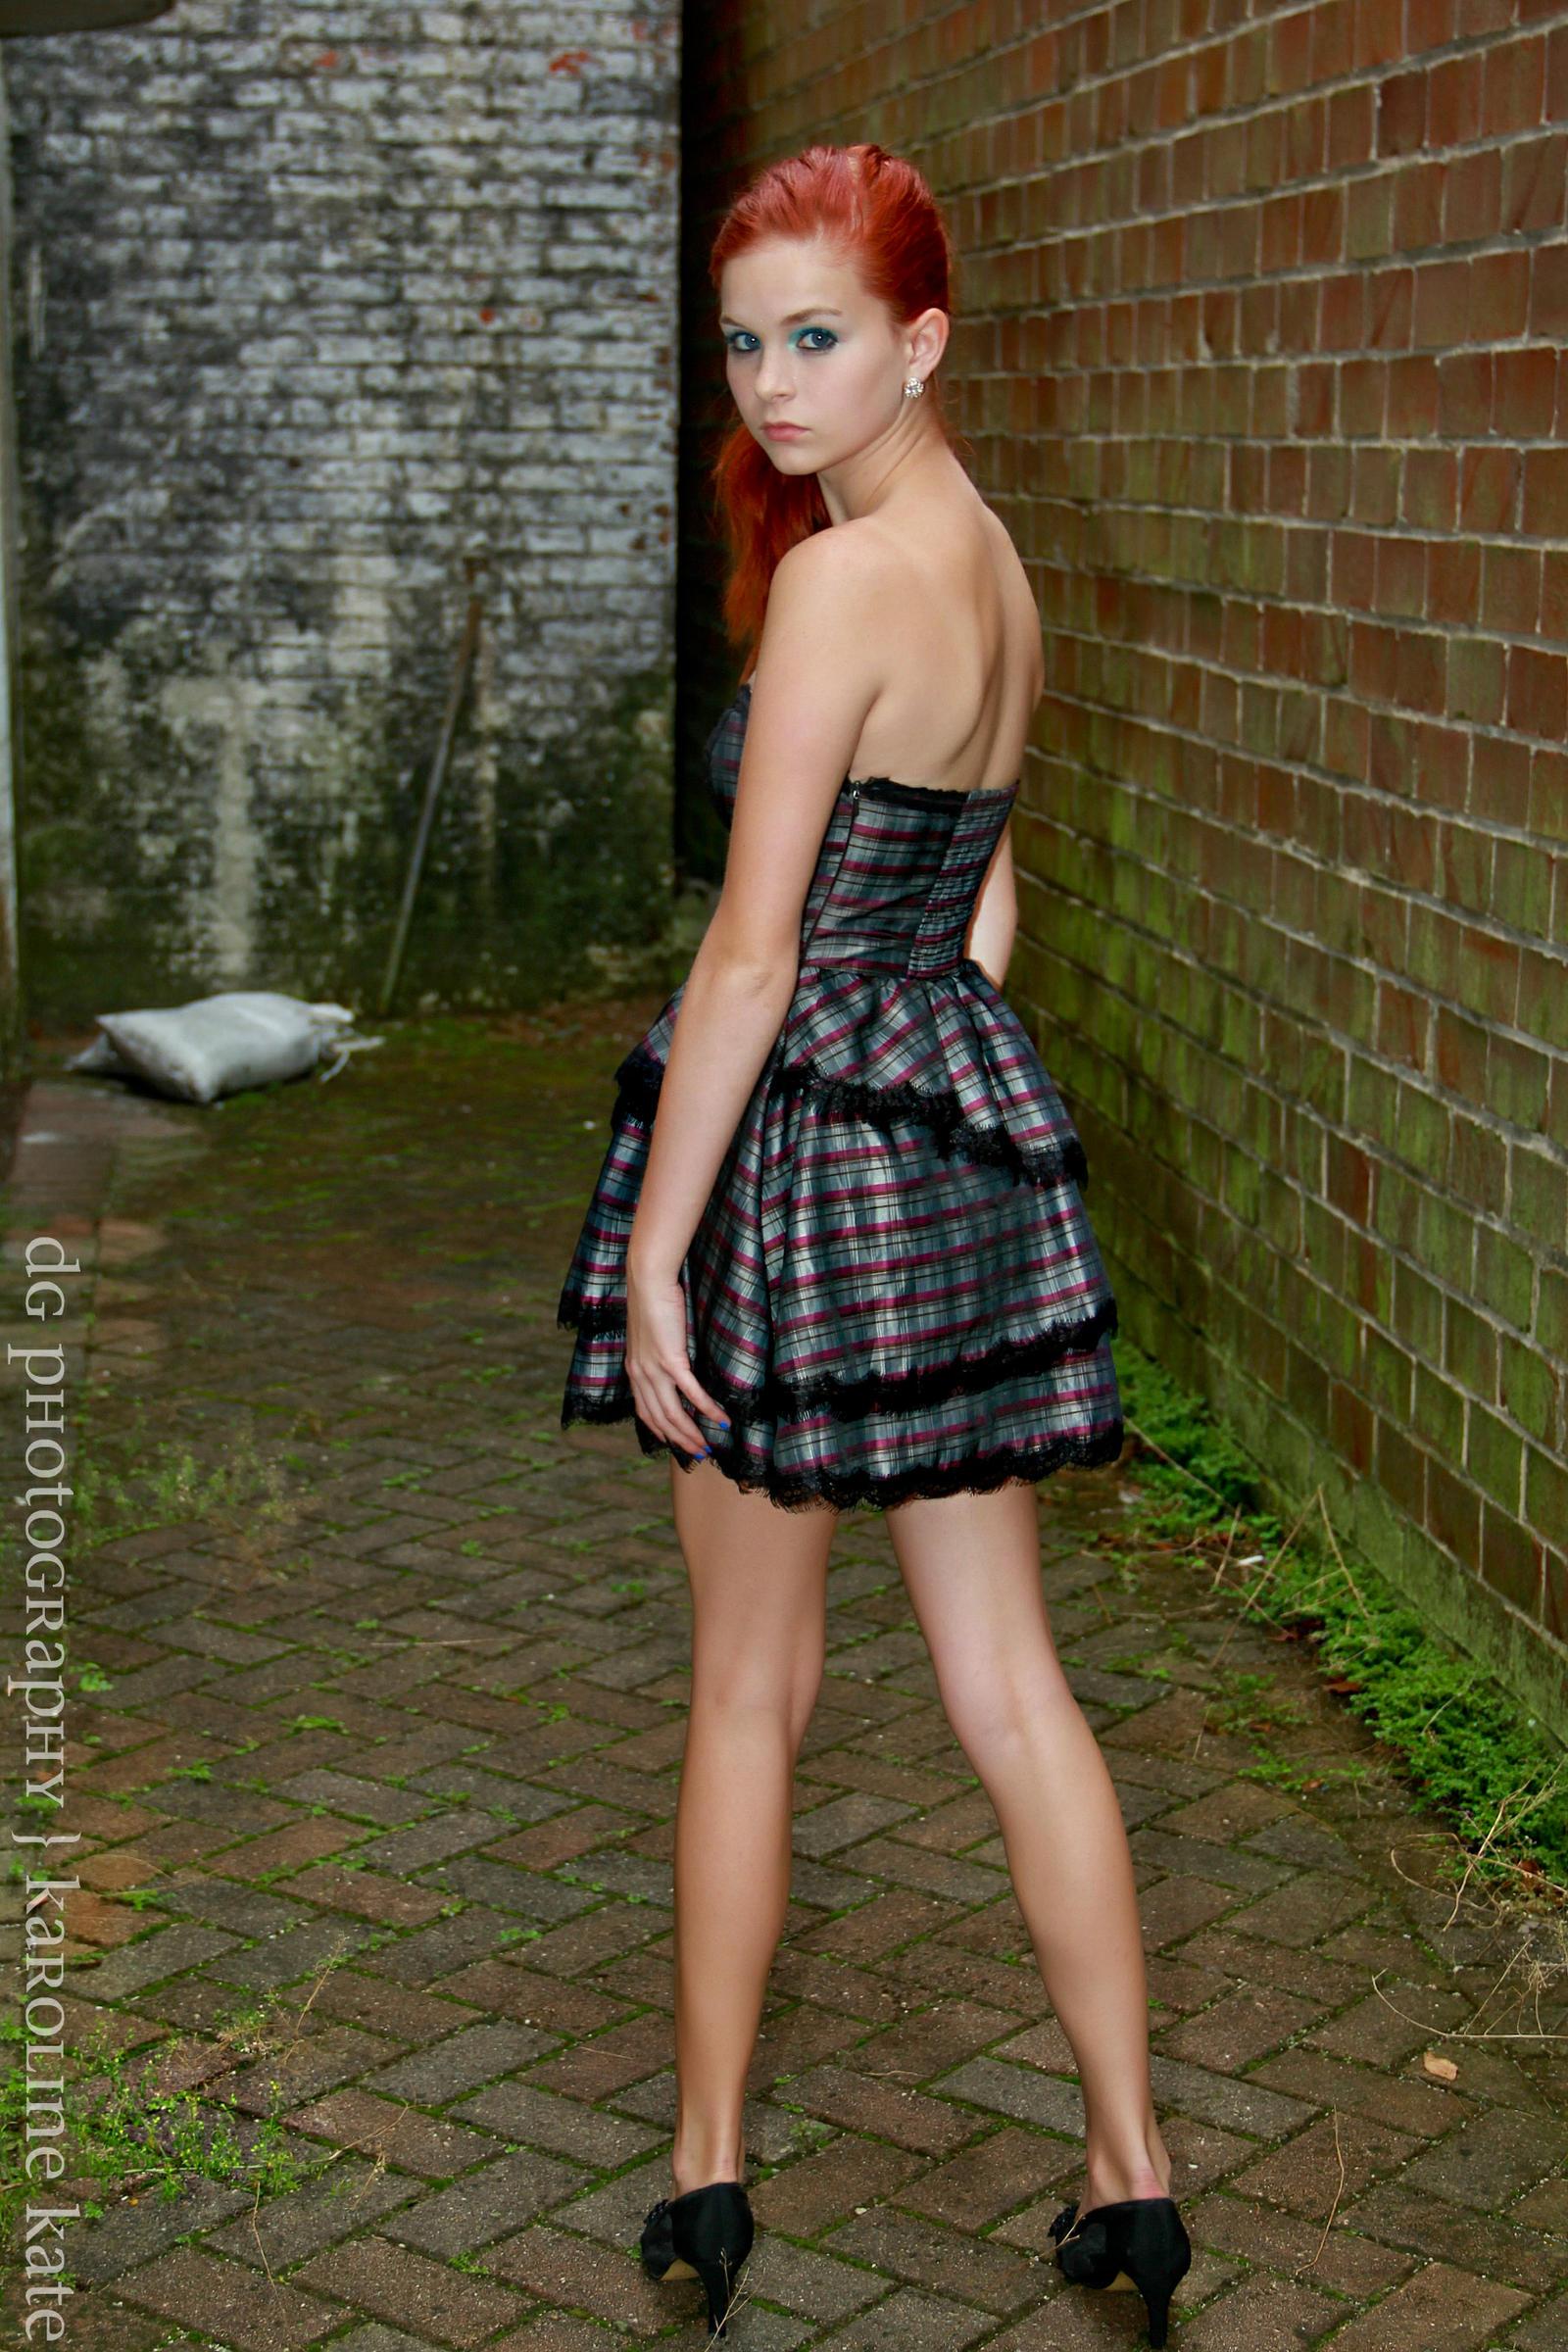 dress karoline kate - photo #8